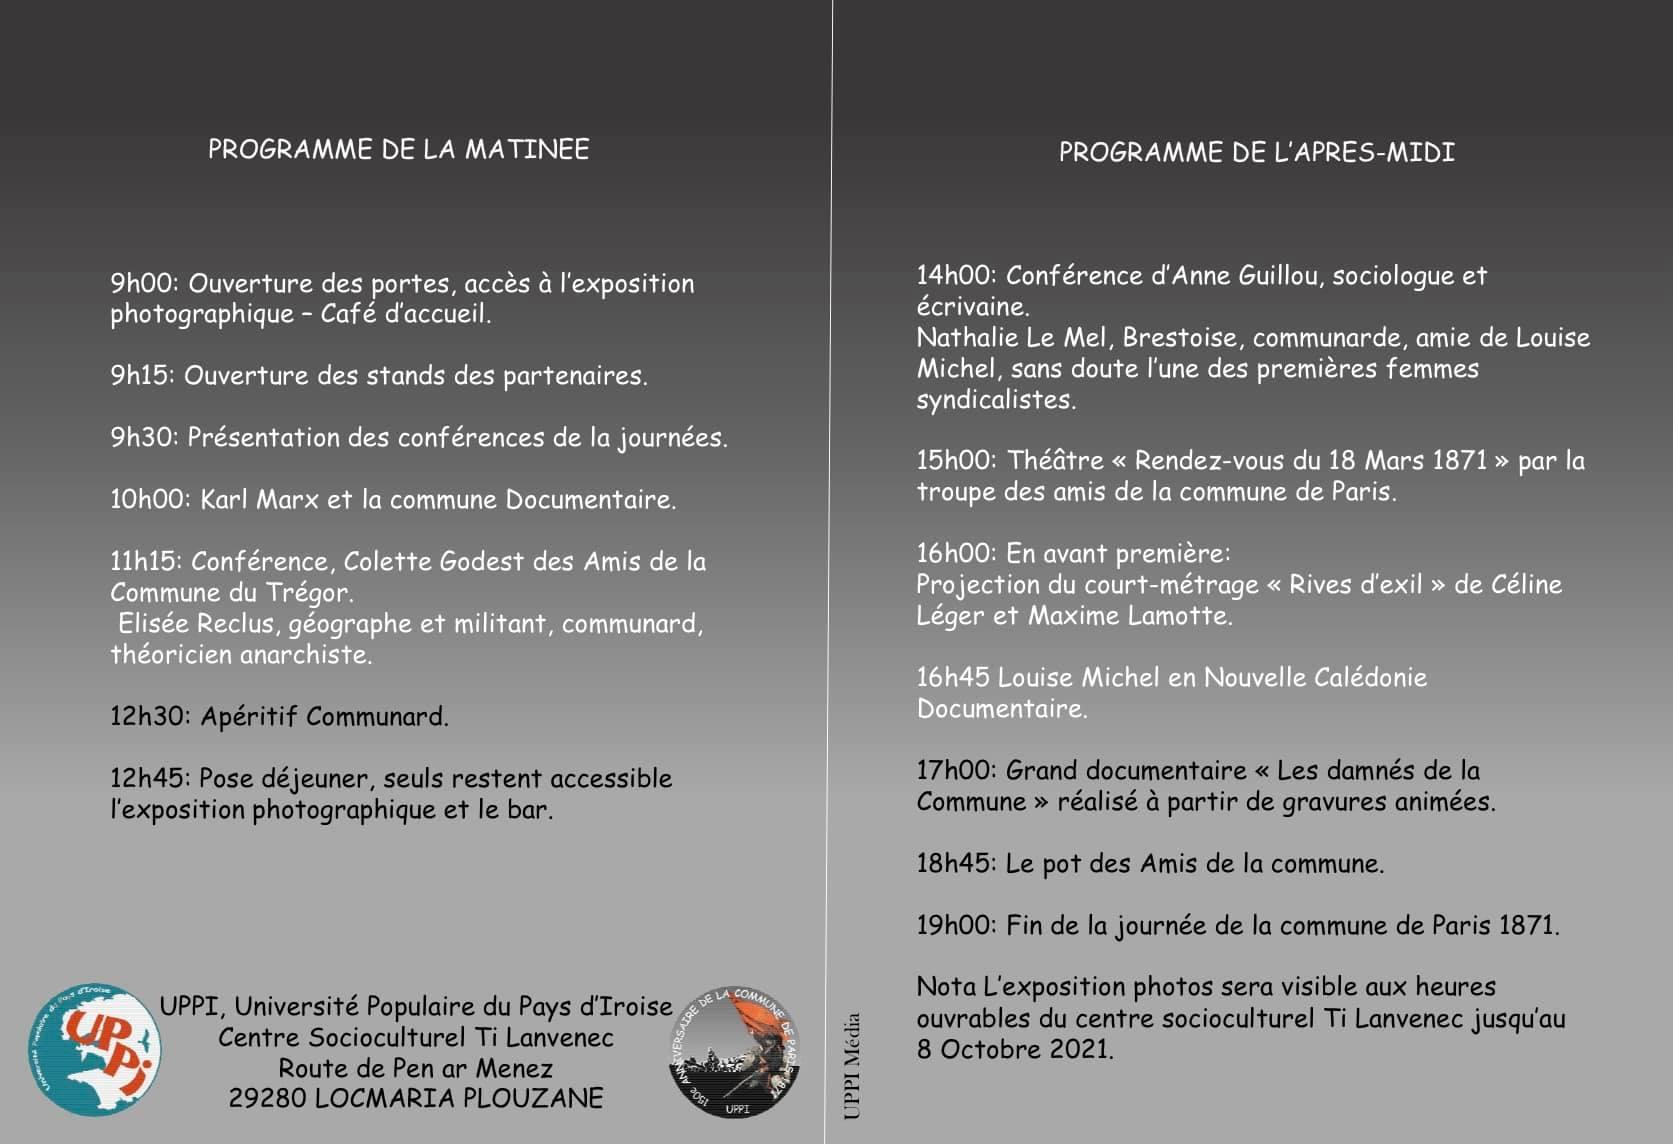 programme 150è anniversaire de la Commune de Paris 1871